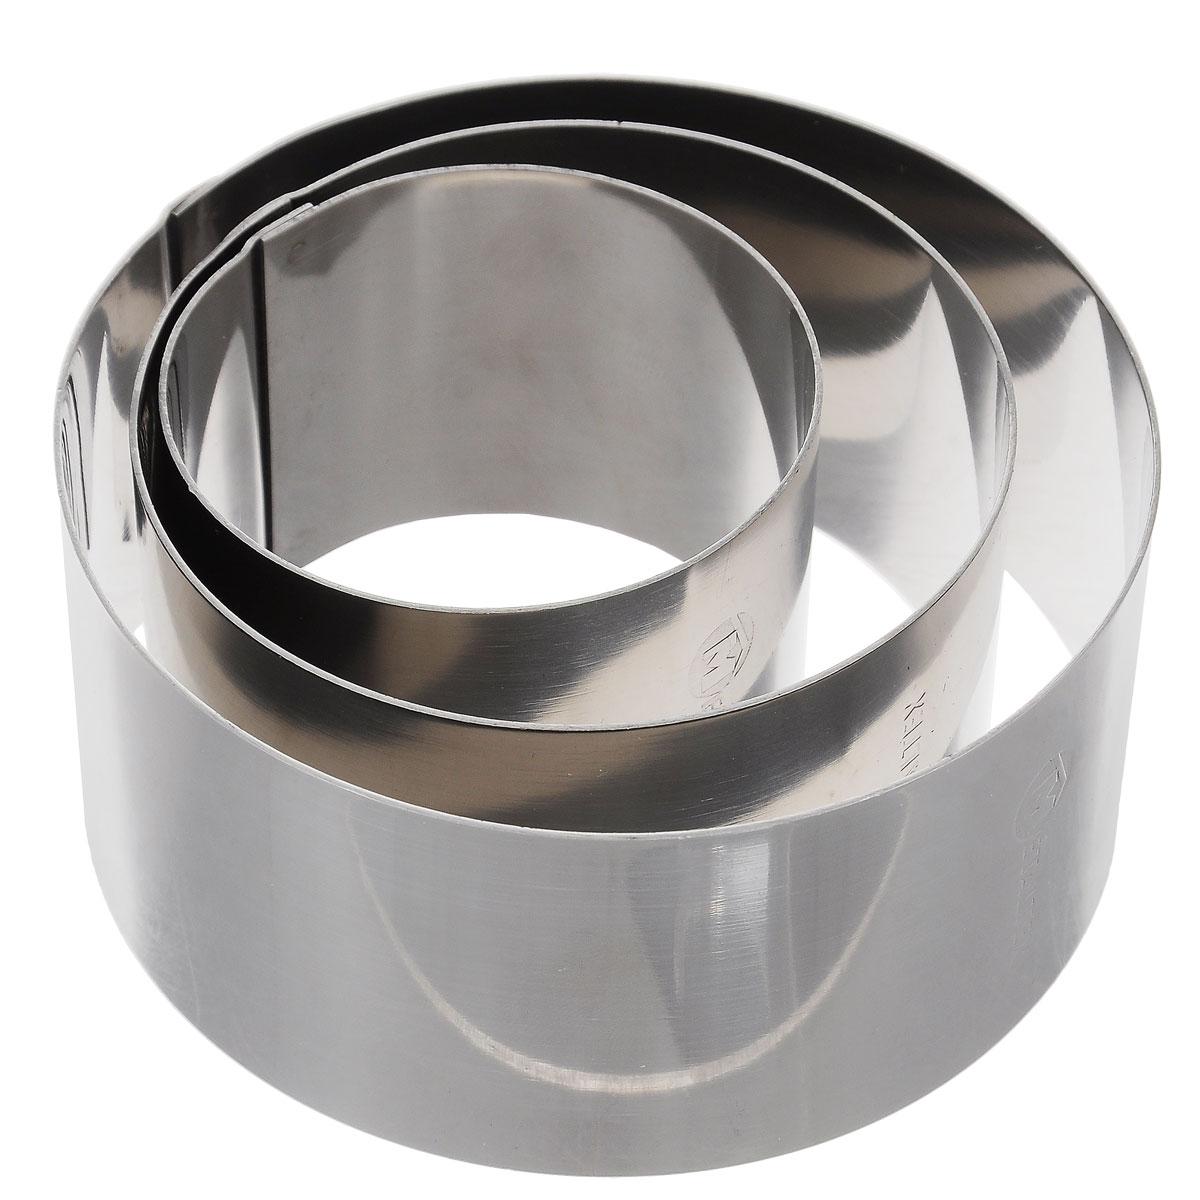 Кольца кулинарные Metaltex, 3 шт94672Набор Metaltex состоит из трех неразъемных колец разного диаметра. Кольца выполнены из высококачественной нержавеющей стали. Идеальны для придания формы различным блюдам. Кулинарные формы Metaltex для выпечки будет отличным выбором для всех любителей бисквитов и кексов, а также заливных блюд и пудингов.С такой формой вы всегда сможете порадовать своих близких оригинальной выпечкой. Можно мыть в посудомоечной машине. Диаметр: 10 см, 8 см, 6 см.Высота стенок: 4,5 см.